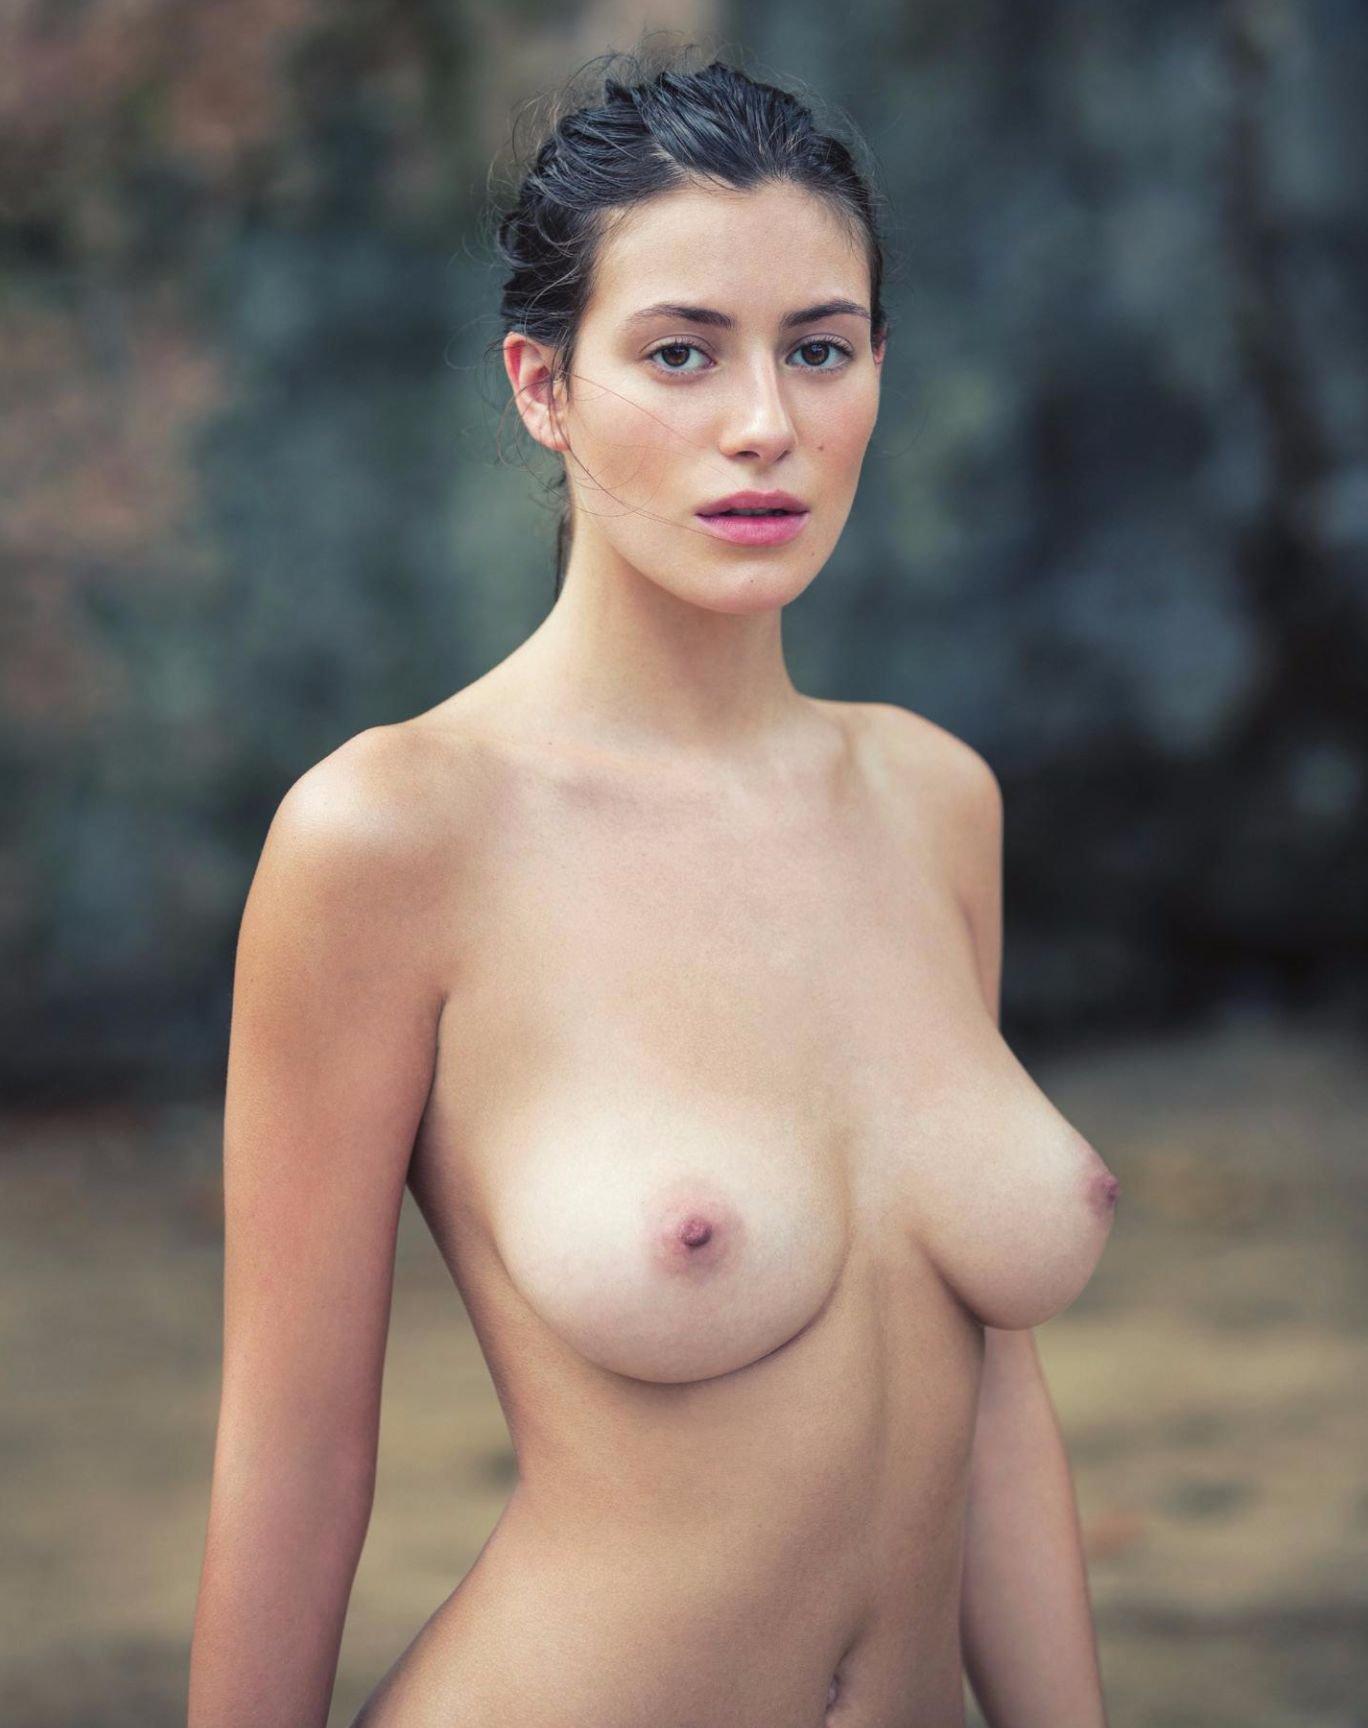 Alejandra guilmant naked photo - 2019 year